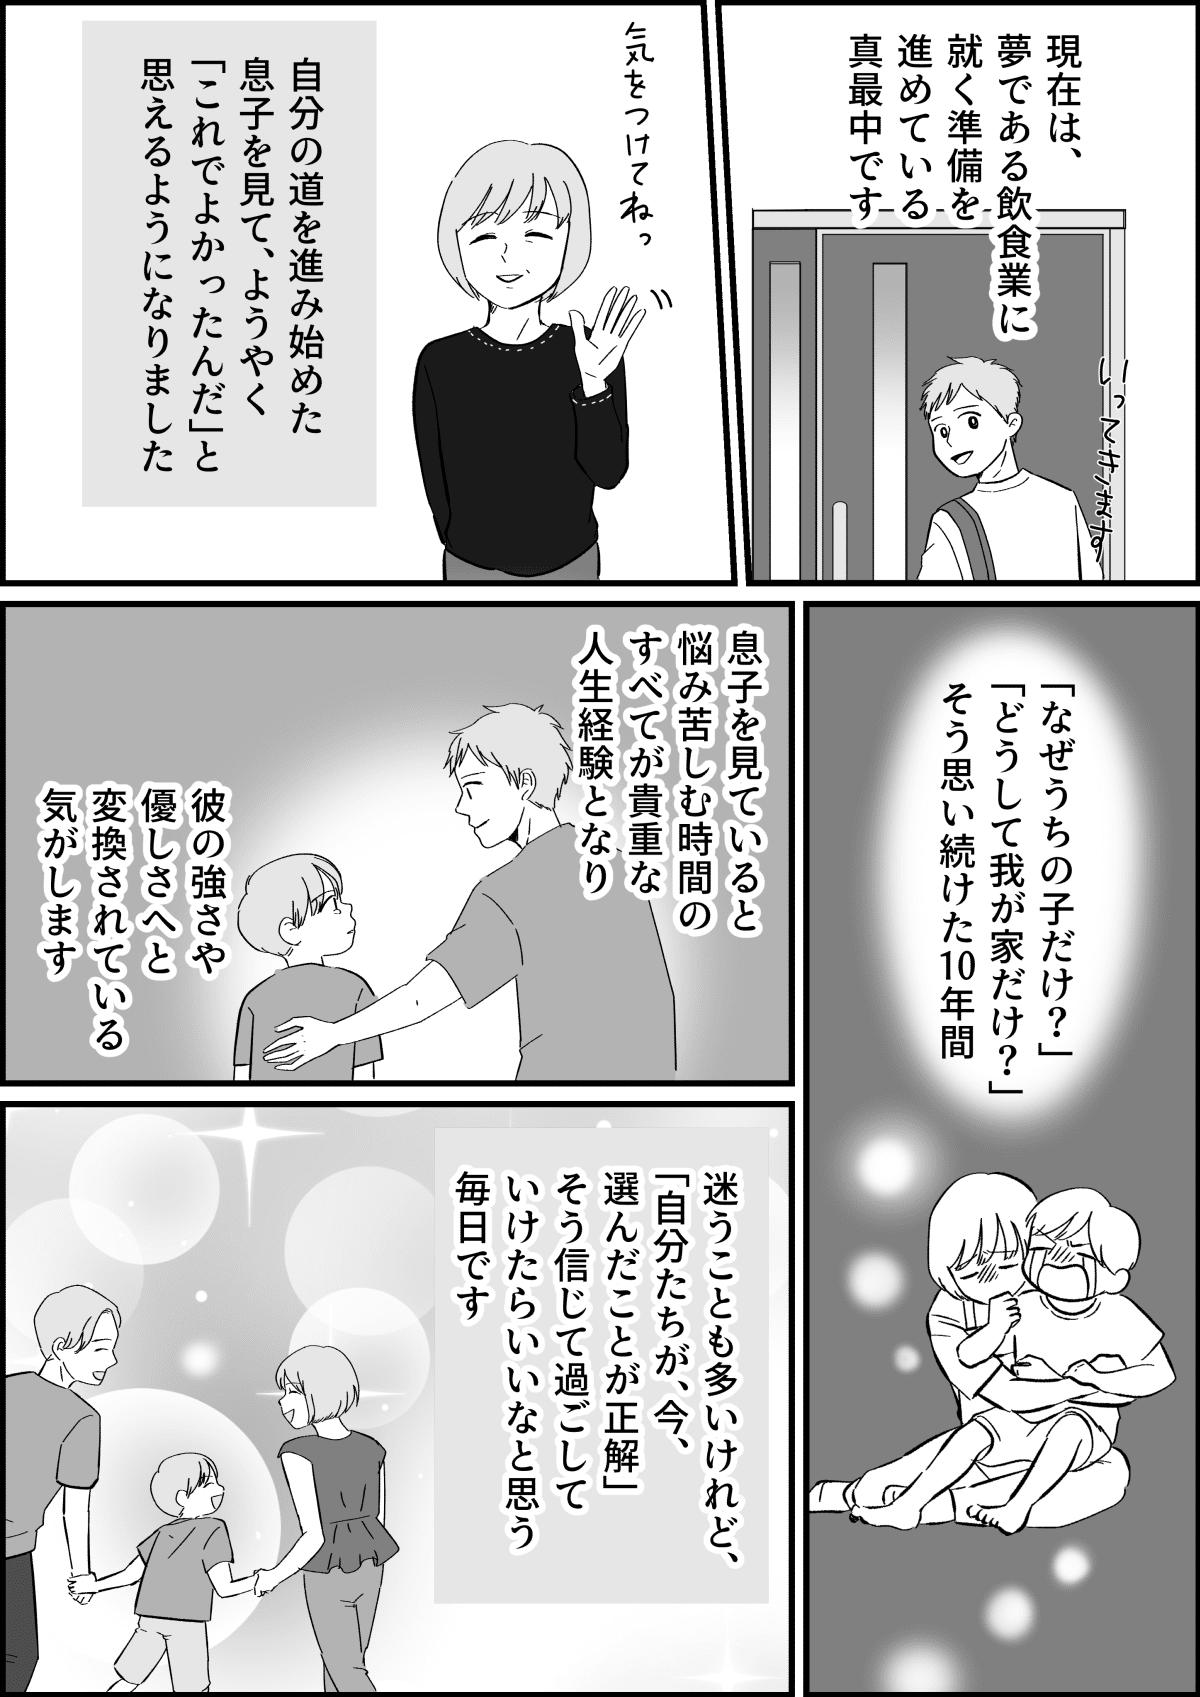 【第5話:将来の夢】